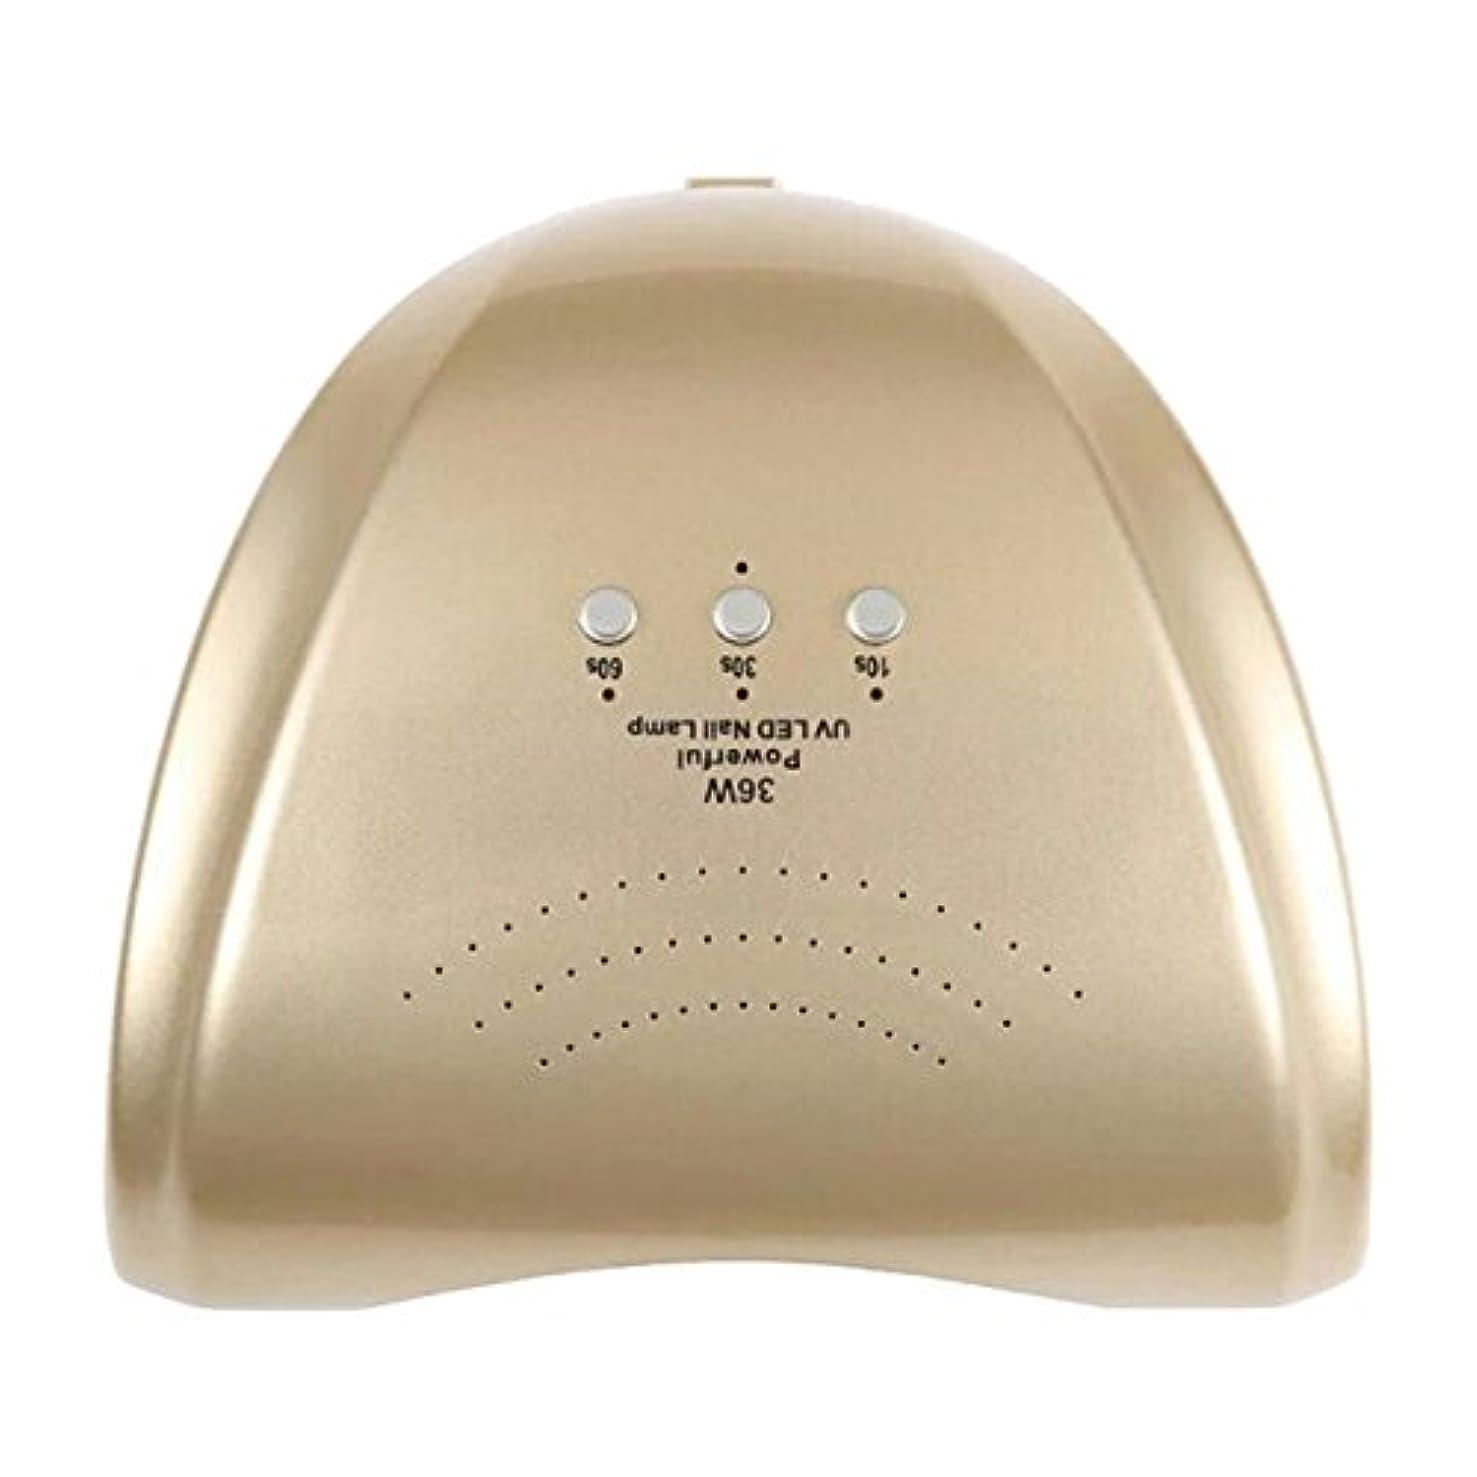 起点通信網別のLa Curie 36W LED&UVネイルライト CCFL不使用 自動センサー ジェルネイル レジン 6ヶ月保証&日本語説明書&プロネイリスト監修ネイルレシピ付き 全9色 (ゴールド) LaCurie004